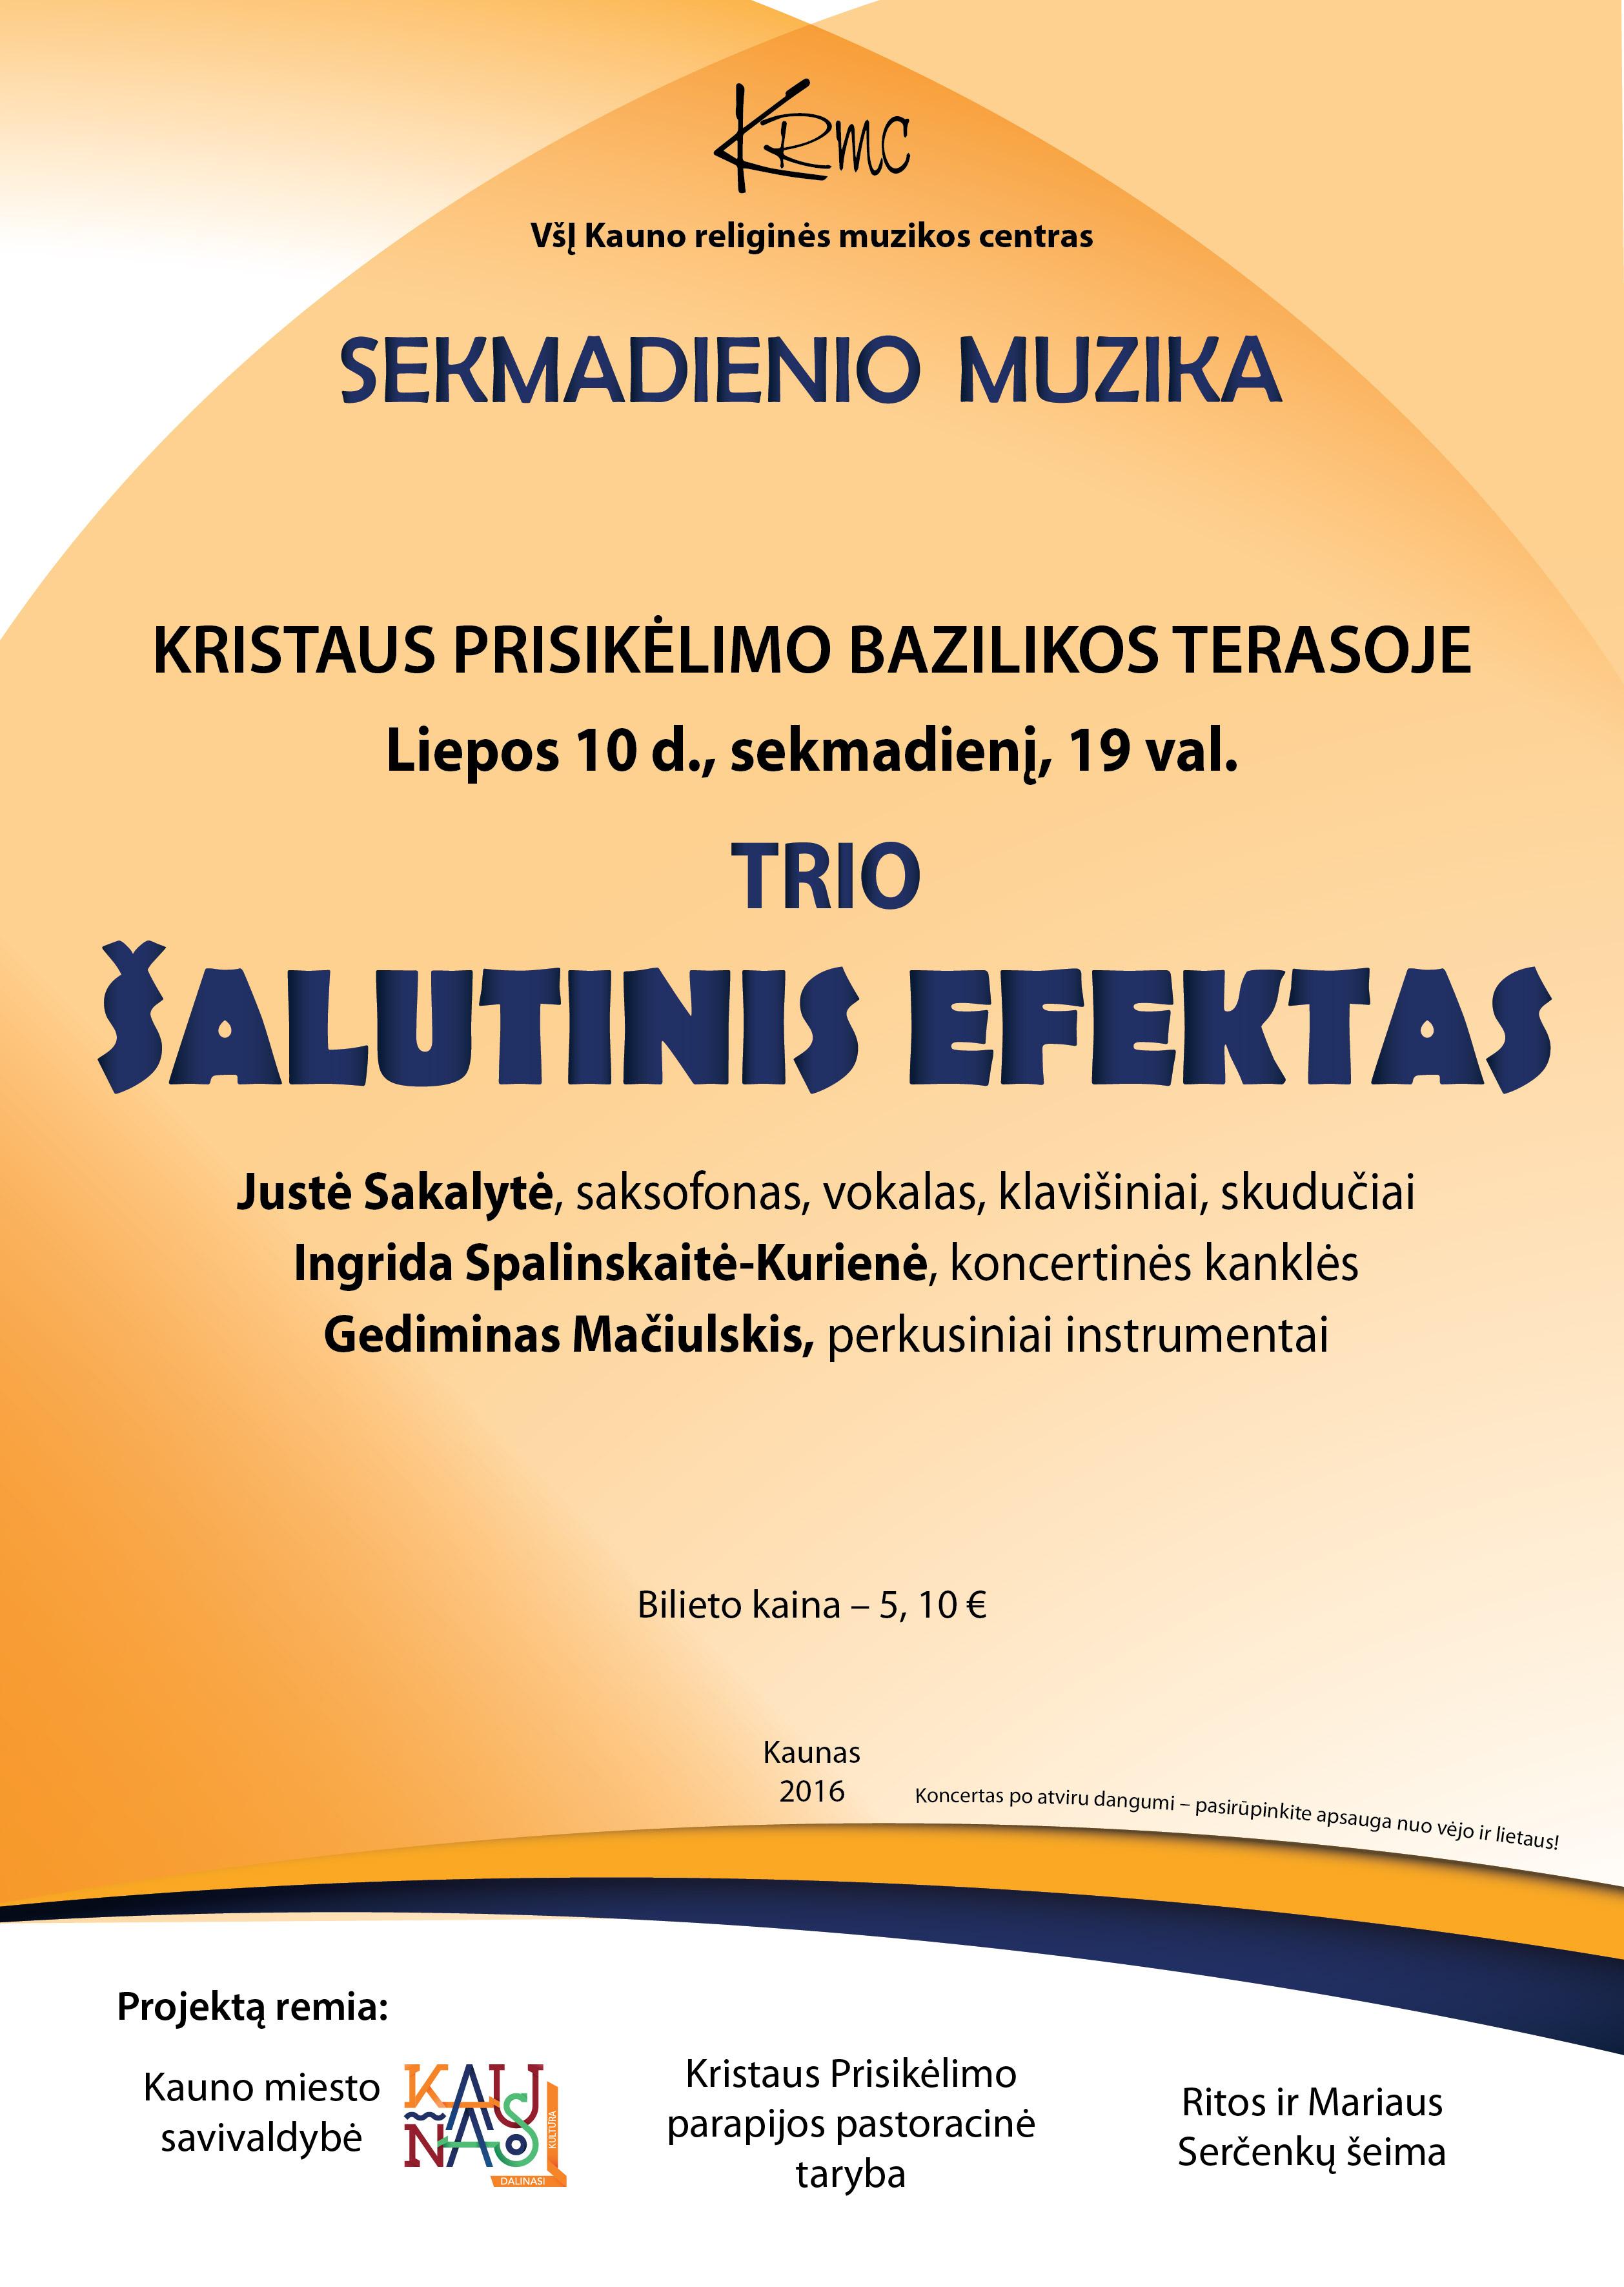 Sekmadienio muzika_Salutinis efektas-03